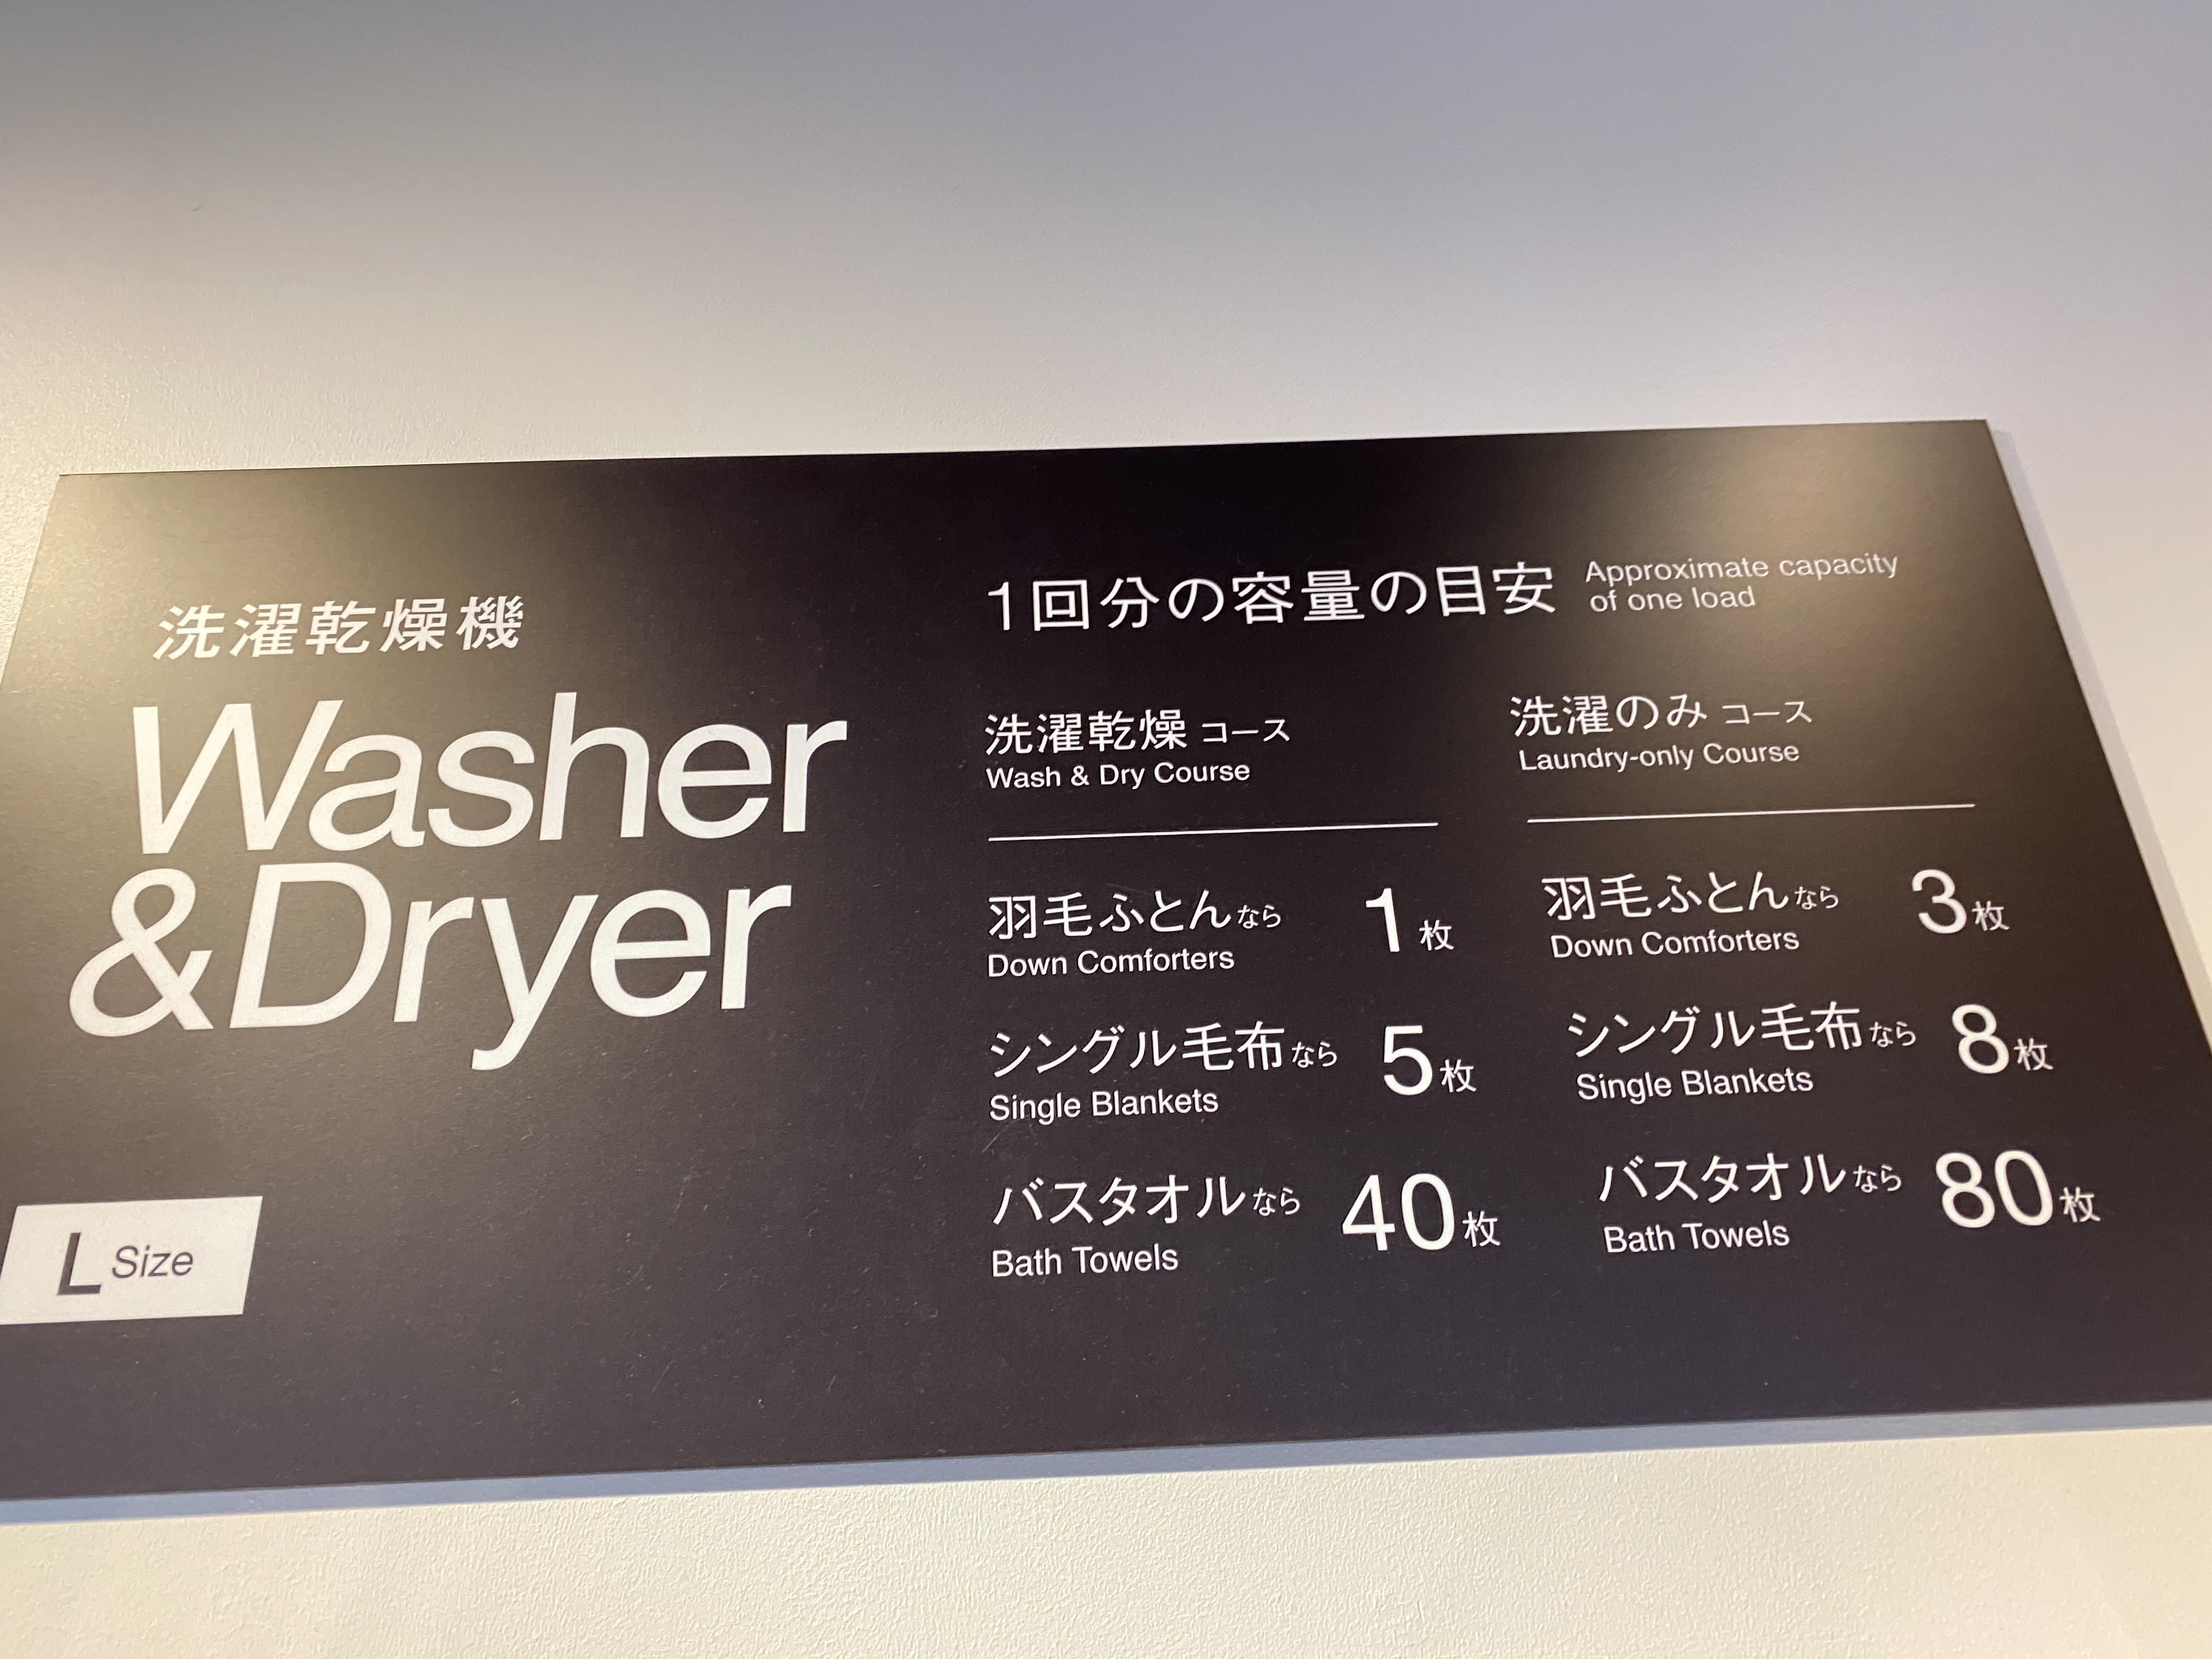 説明1【あった】「池尻大橋・神泉」コインランドリー「羽毛布団丸洗い(洗濯・乾燥)」できる場所